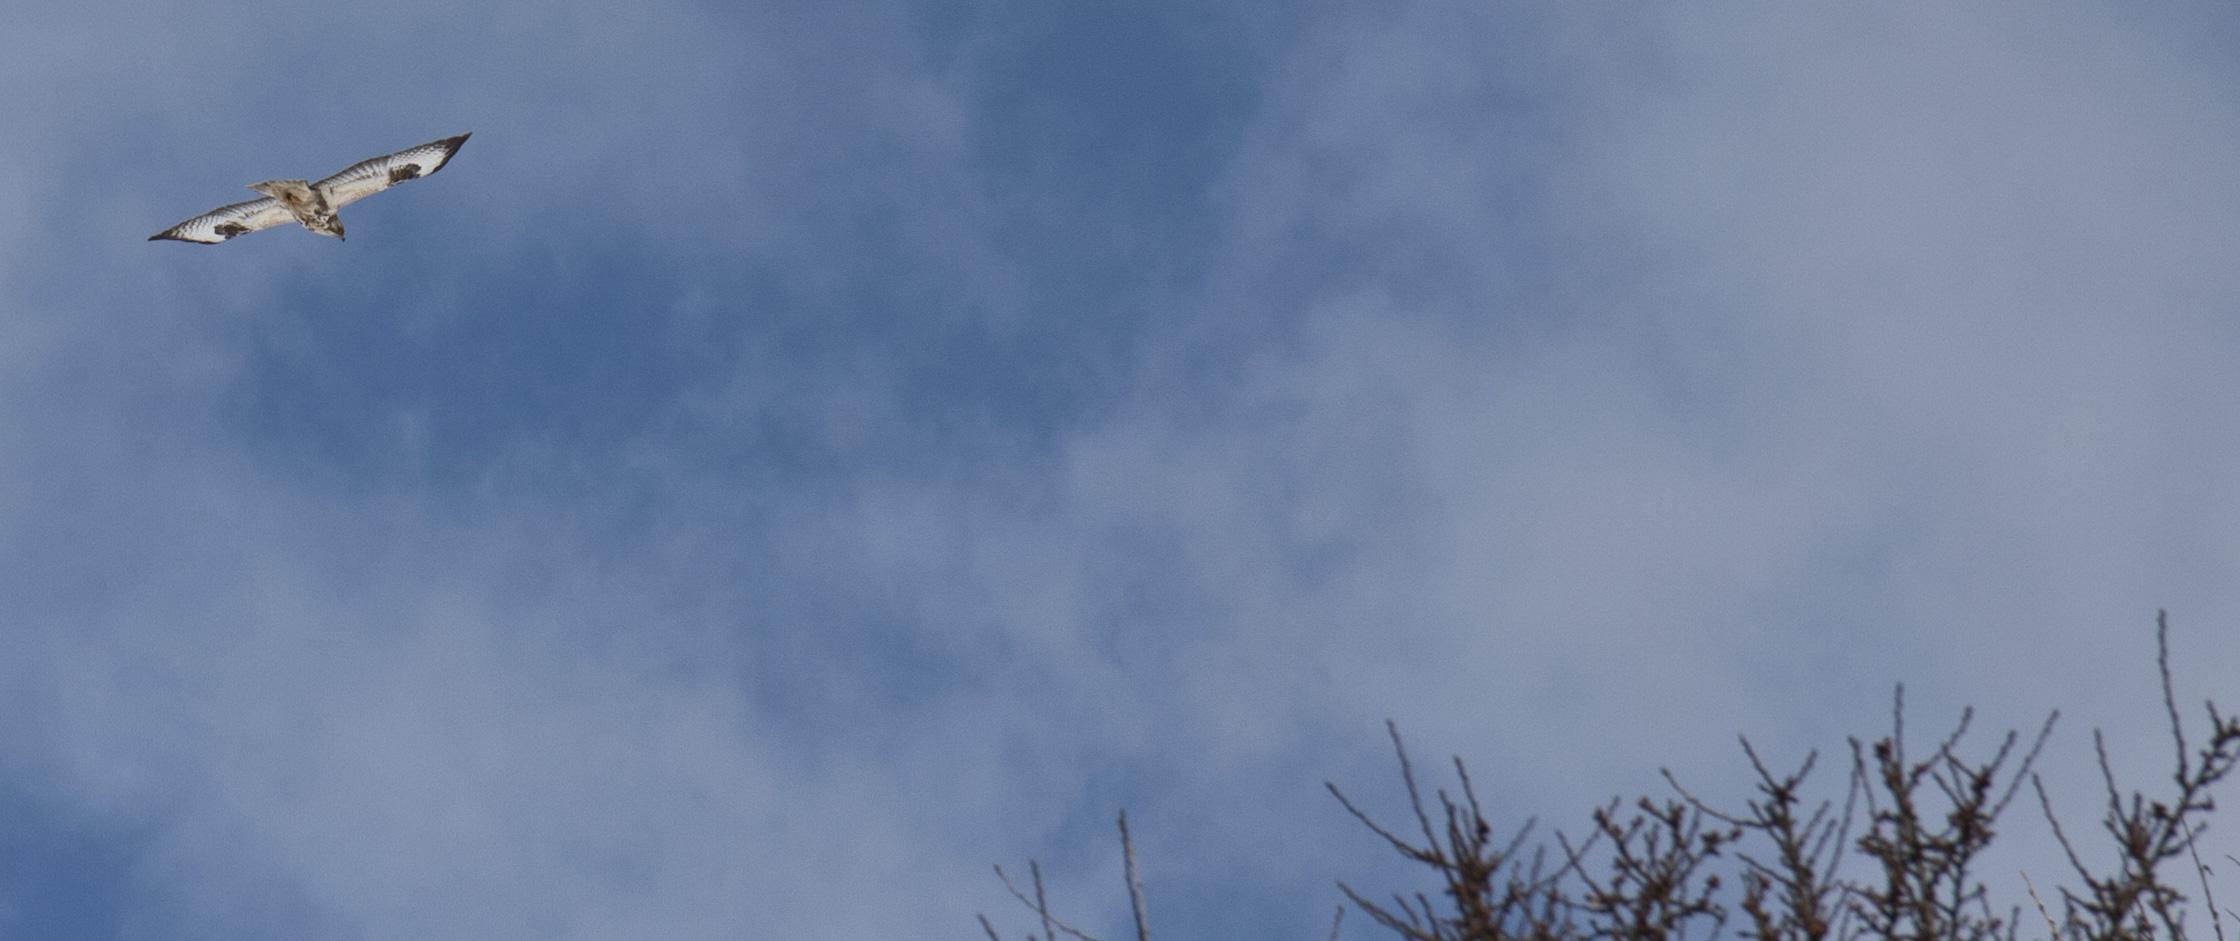 Hoch oben in den Wolken…